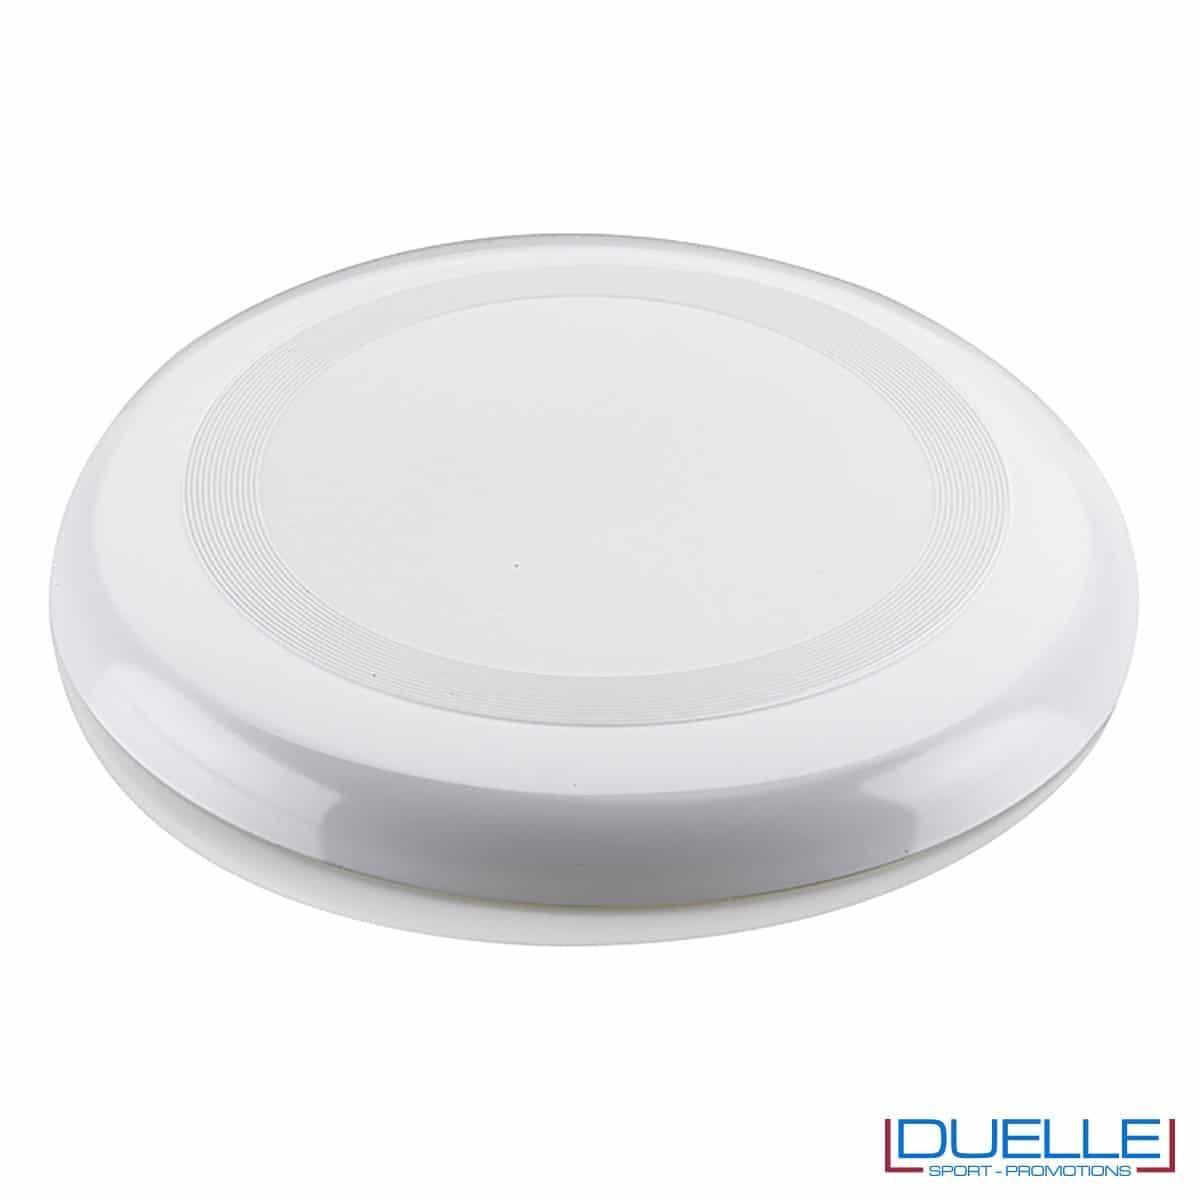 Frisbee personalizzato bianco, gadget mare promozionali, gadget spiaggia personalizzati